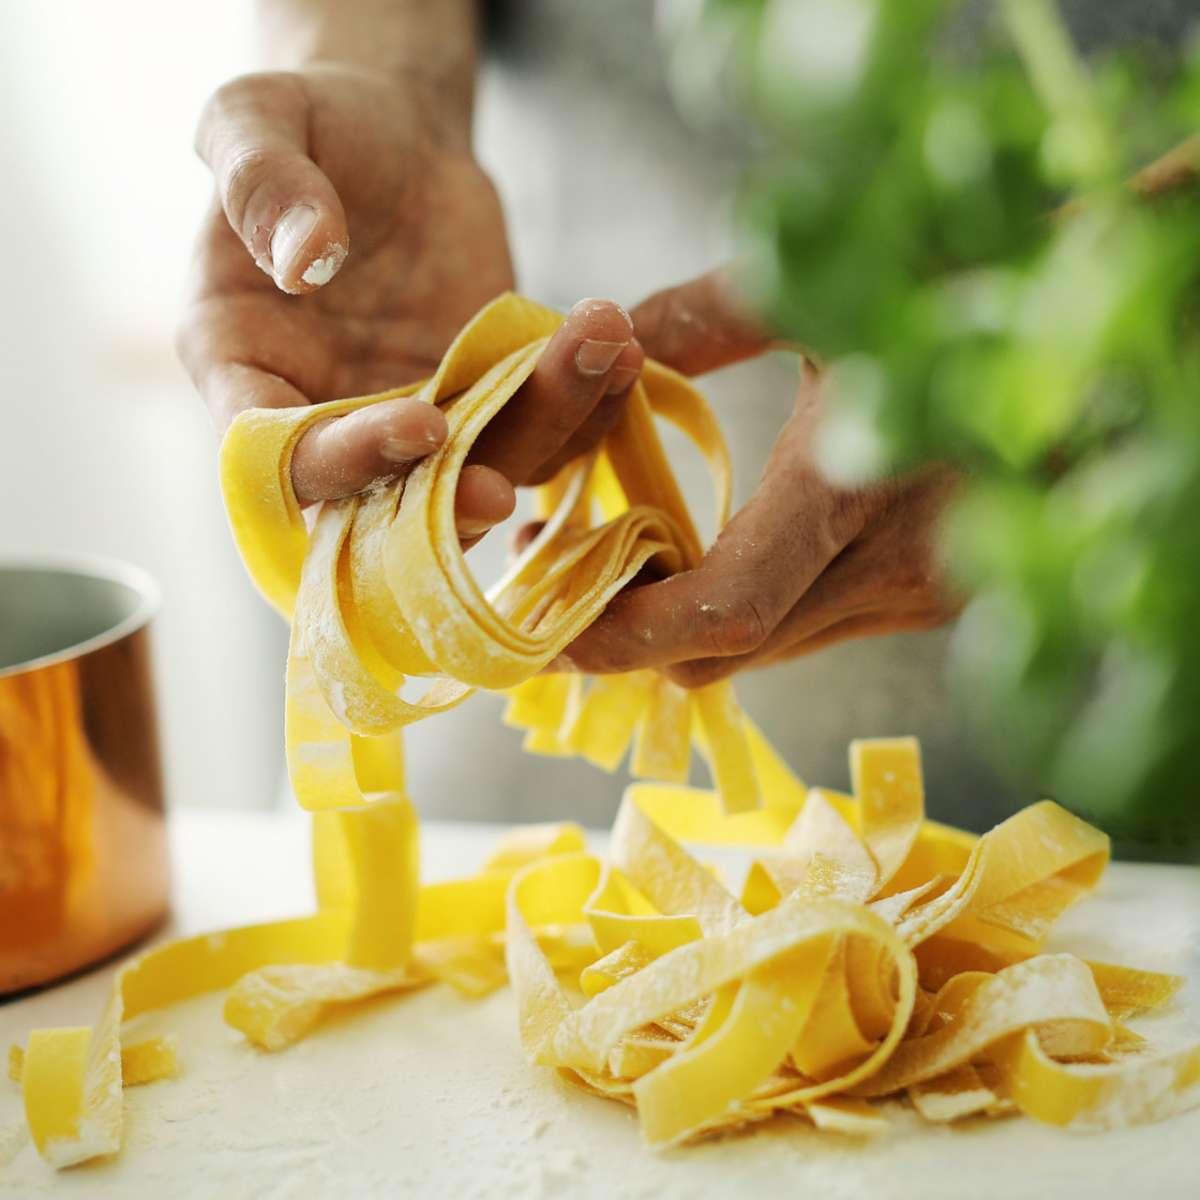 pasta-chef-makes-fresh-italian-pasta-WLKS7D6